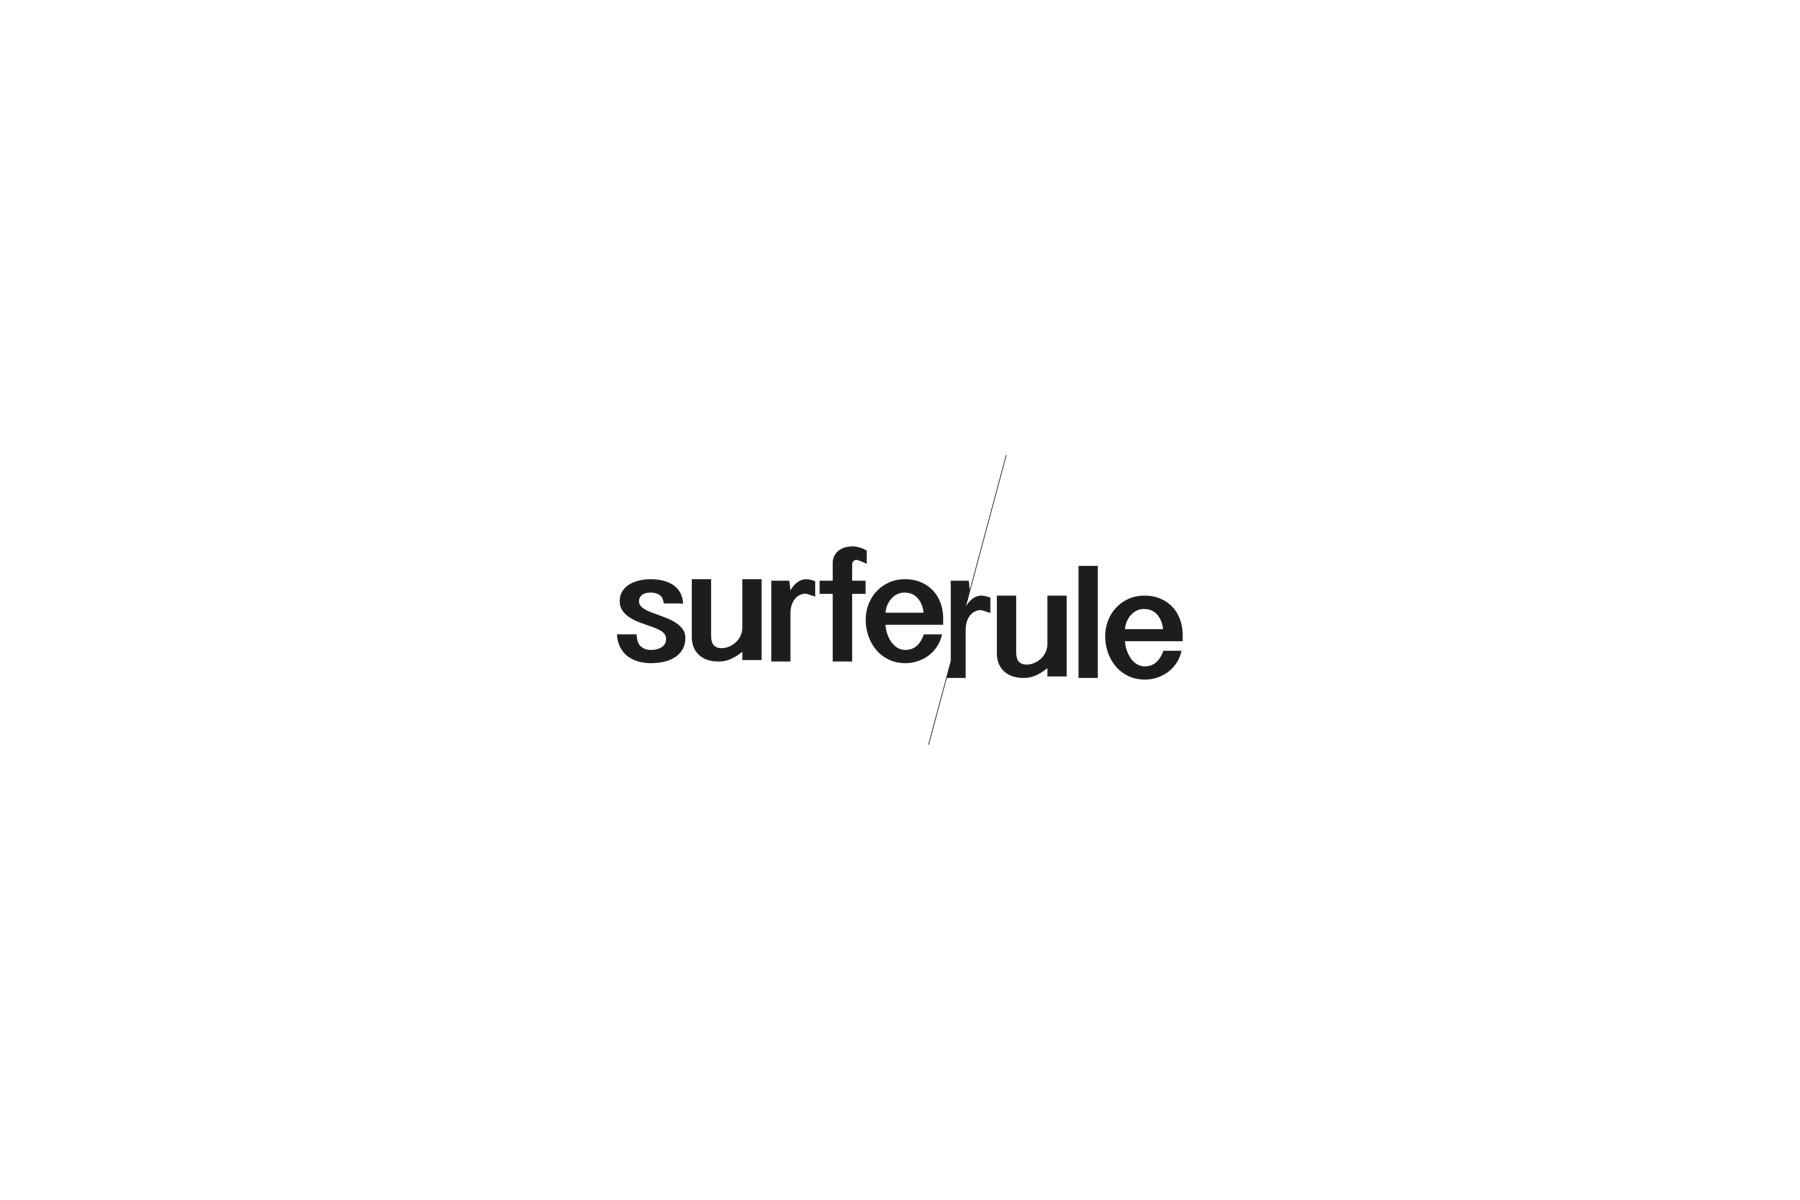 Surferrule.jpg